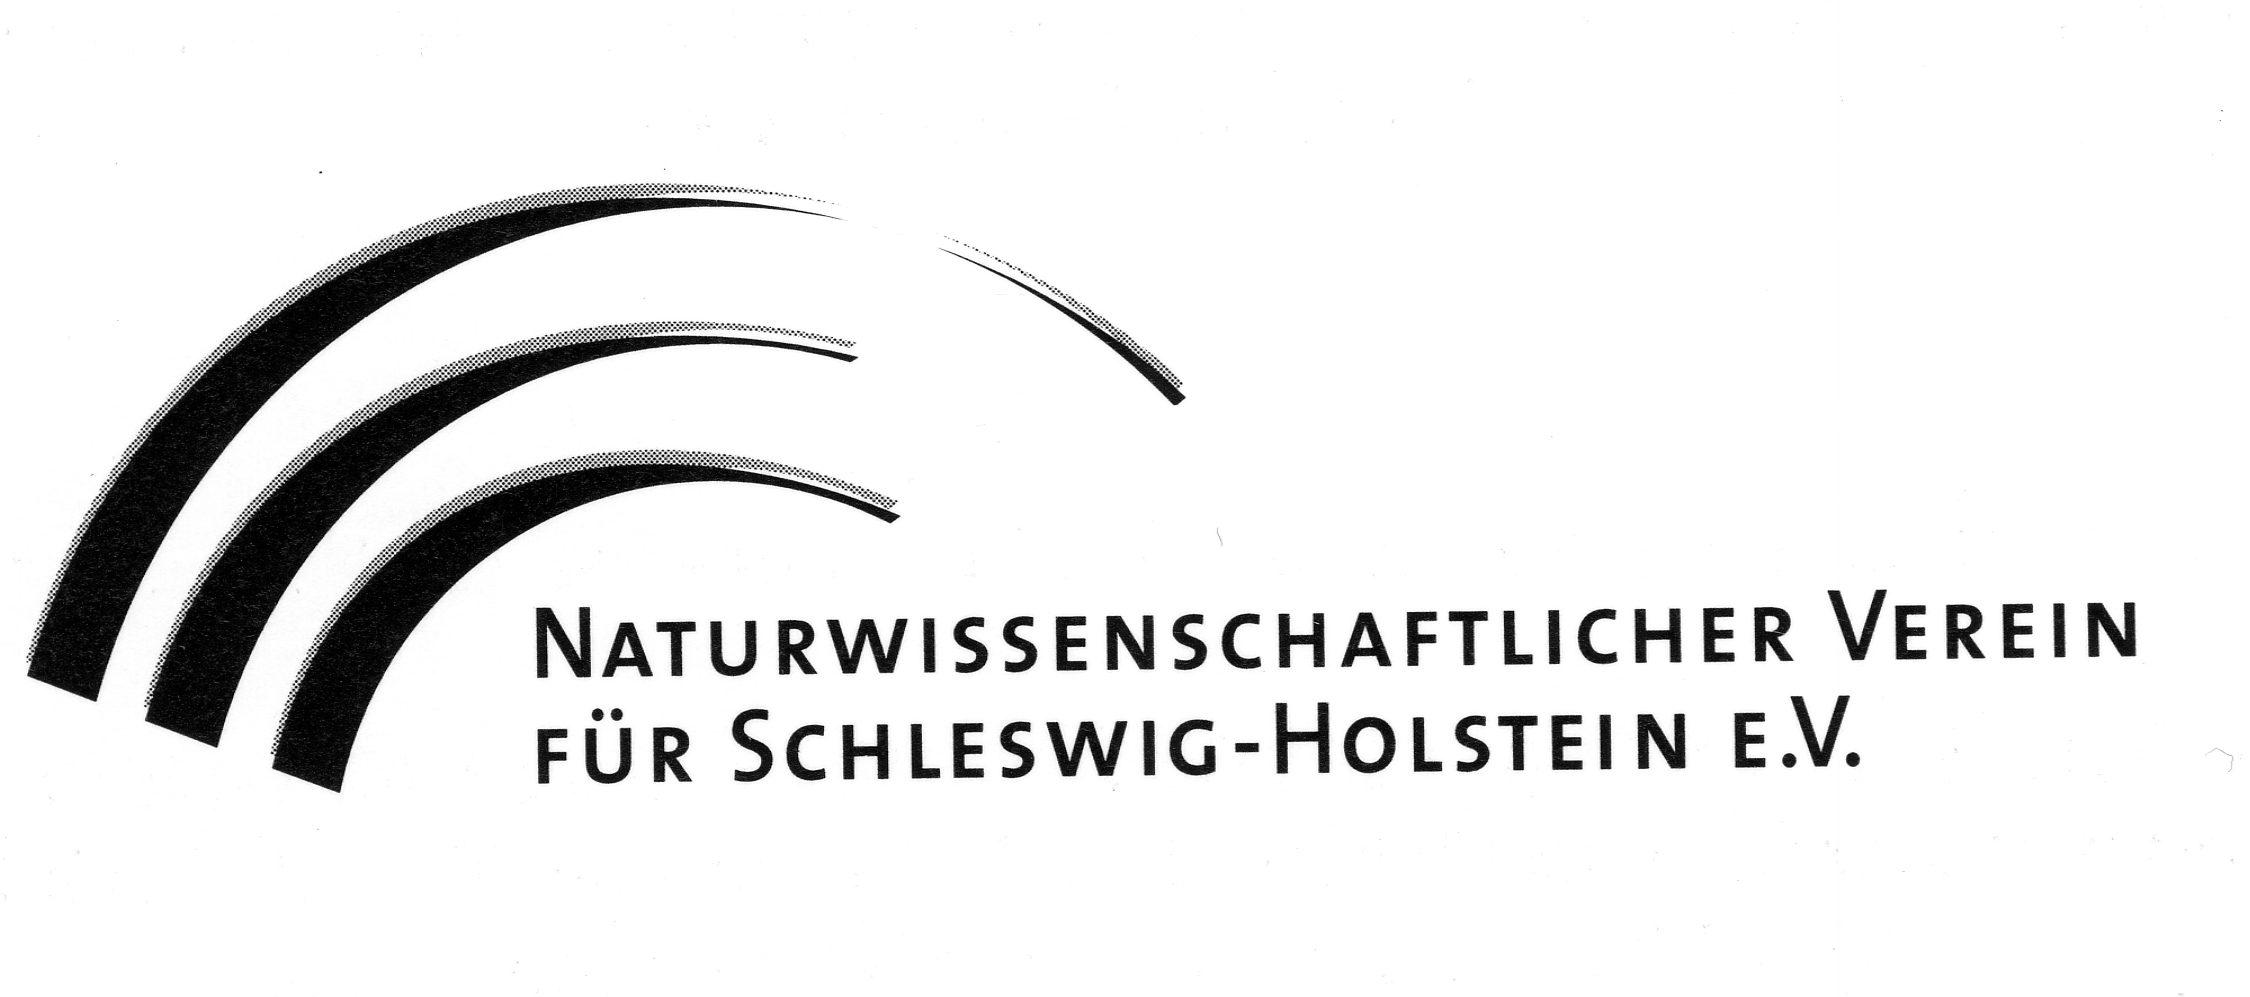 Naturwissenschaftlicher Verein für Schleswig-Holstein e. V.